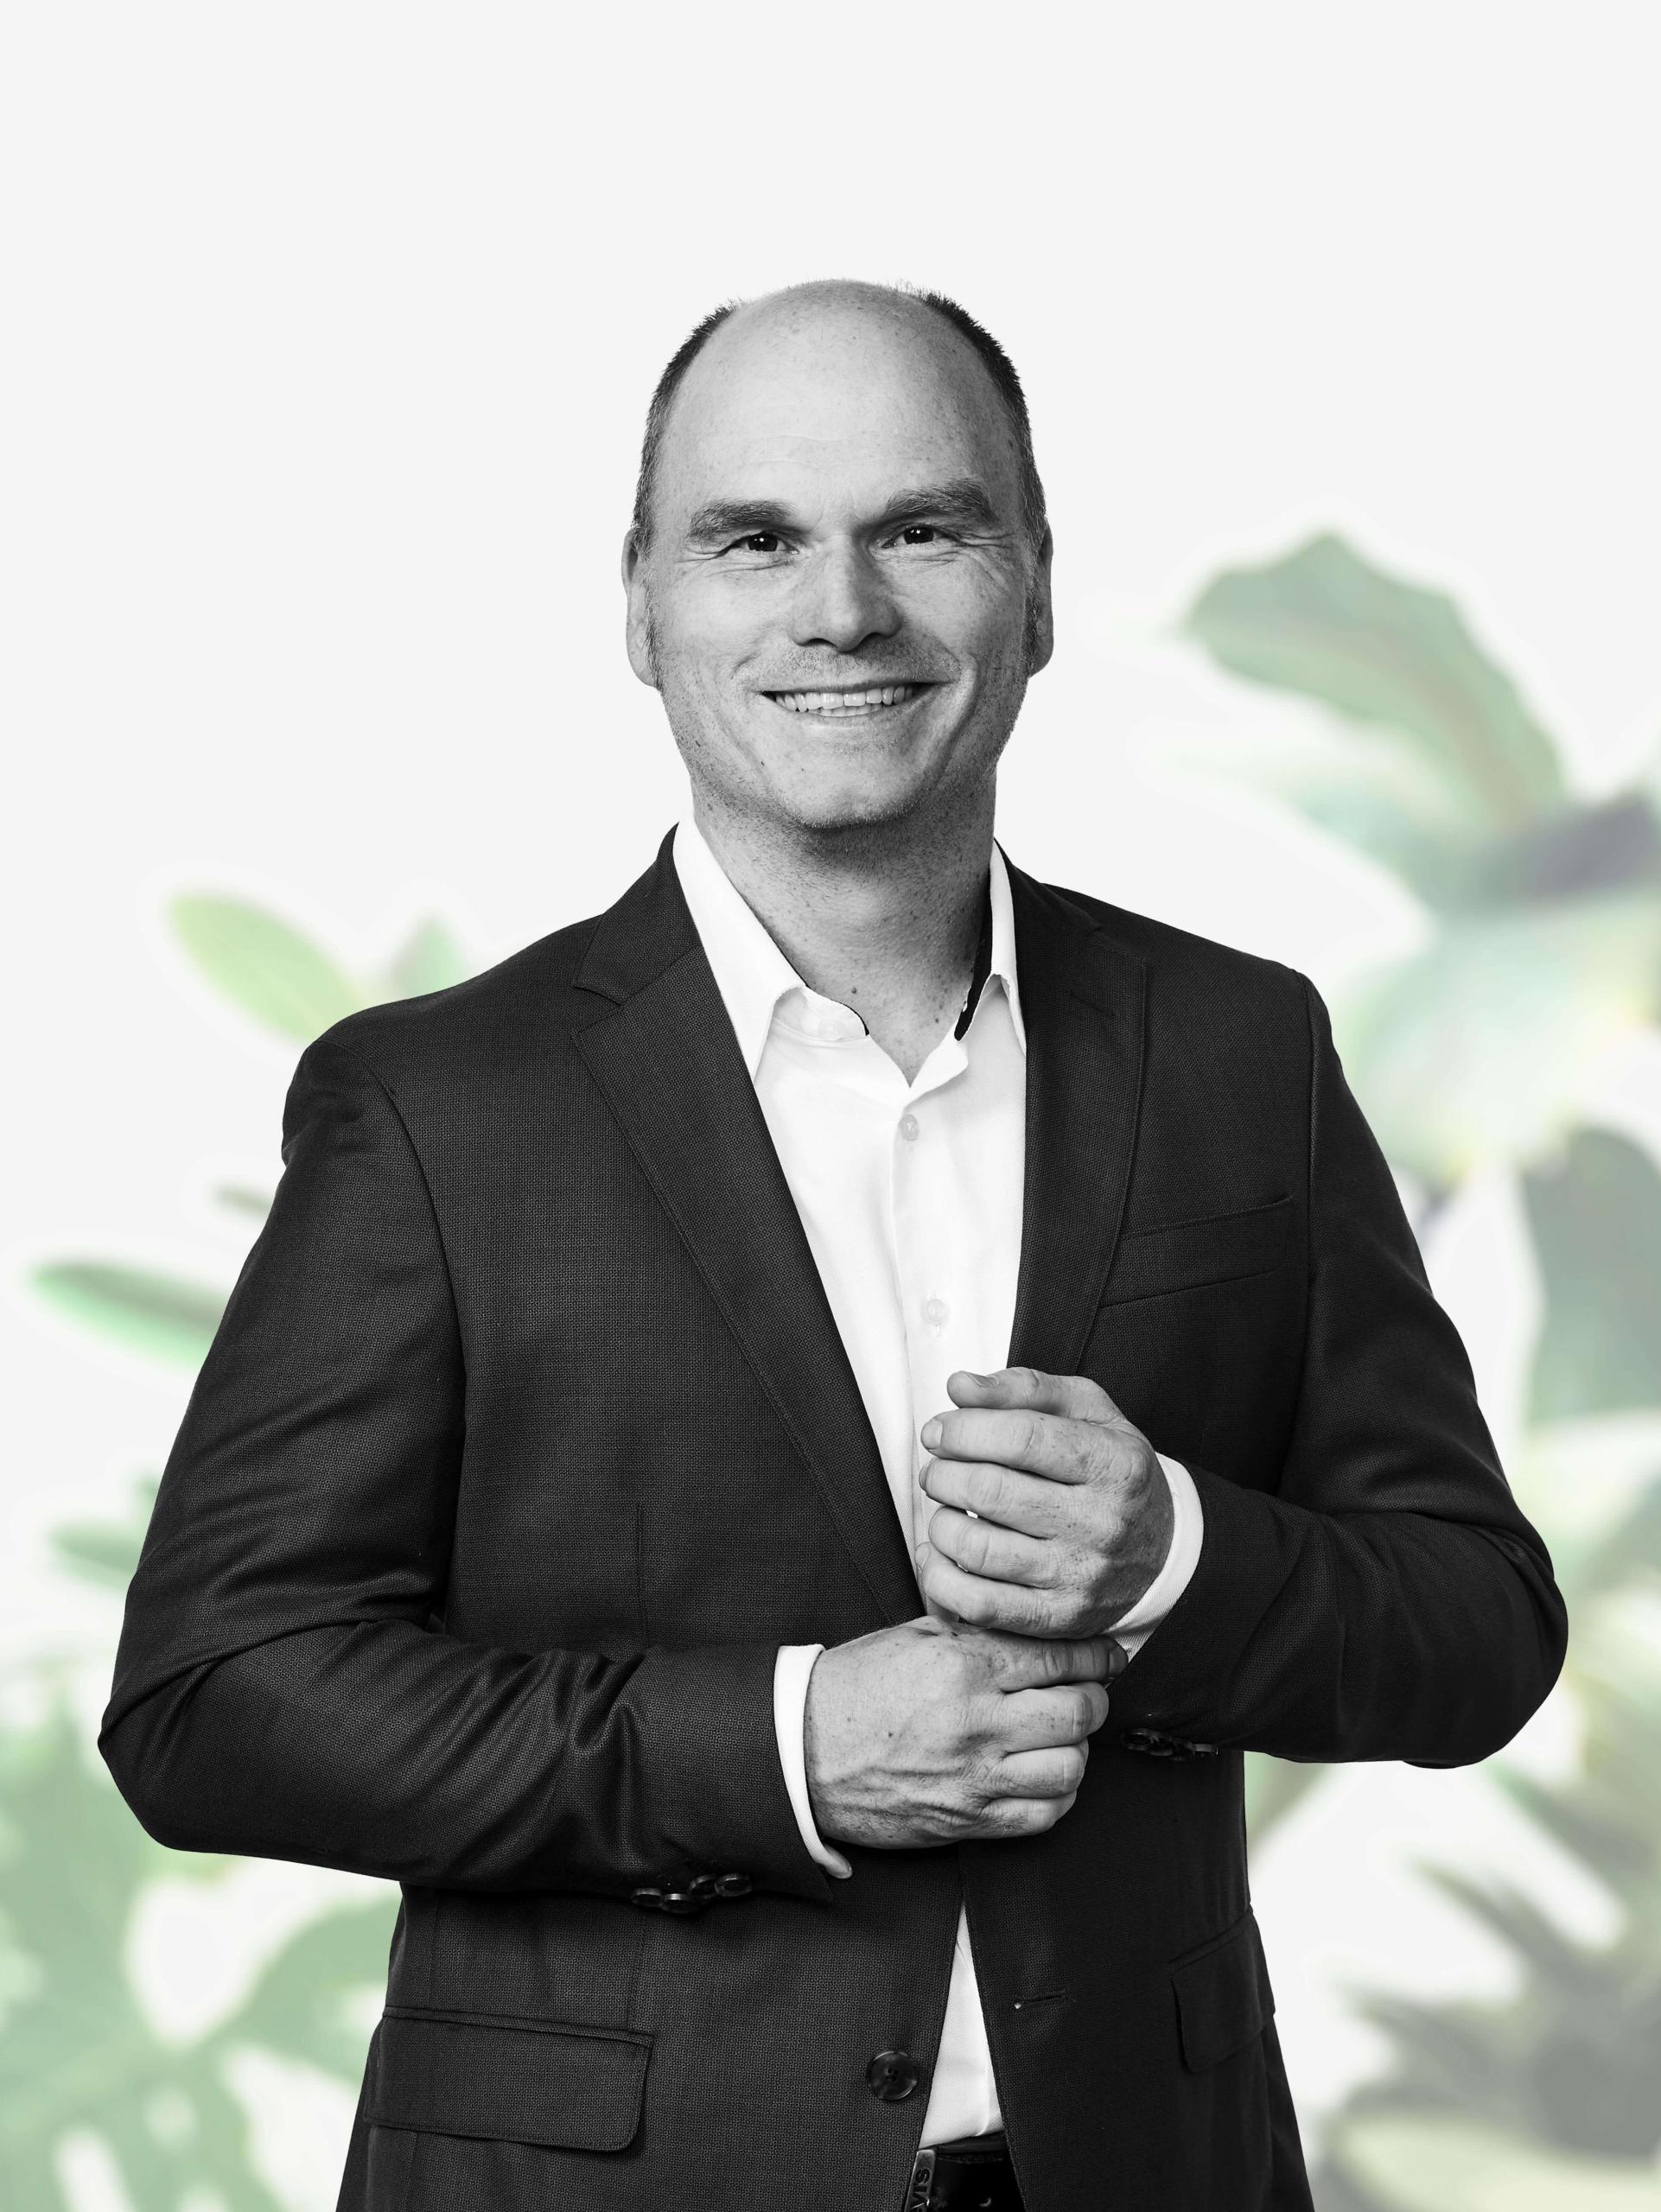 Michael Leinert - Partner bei Krause&Schopp